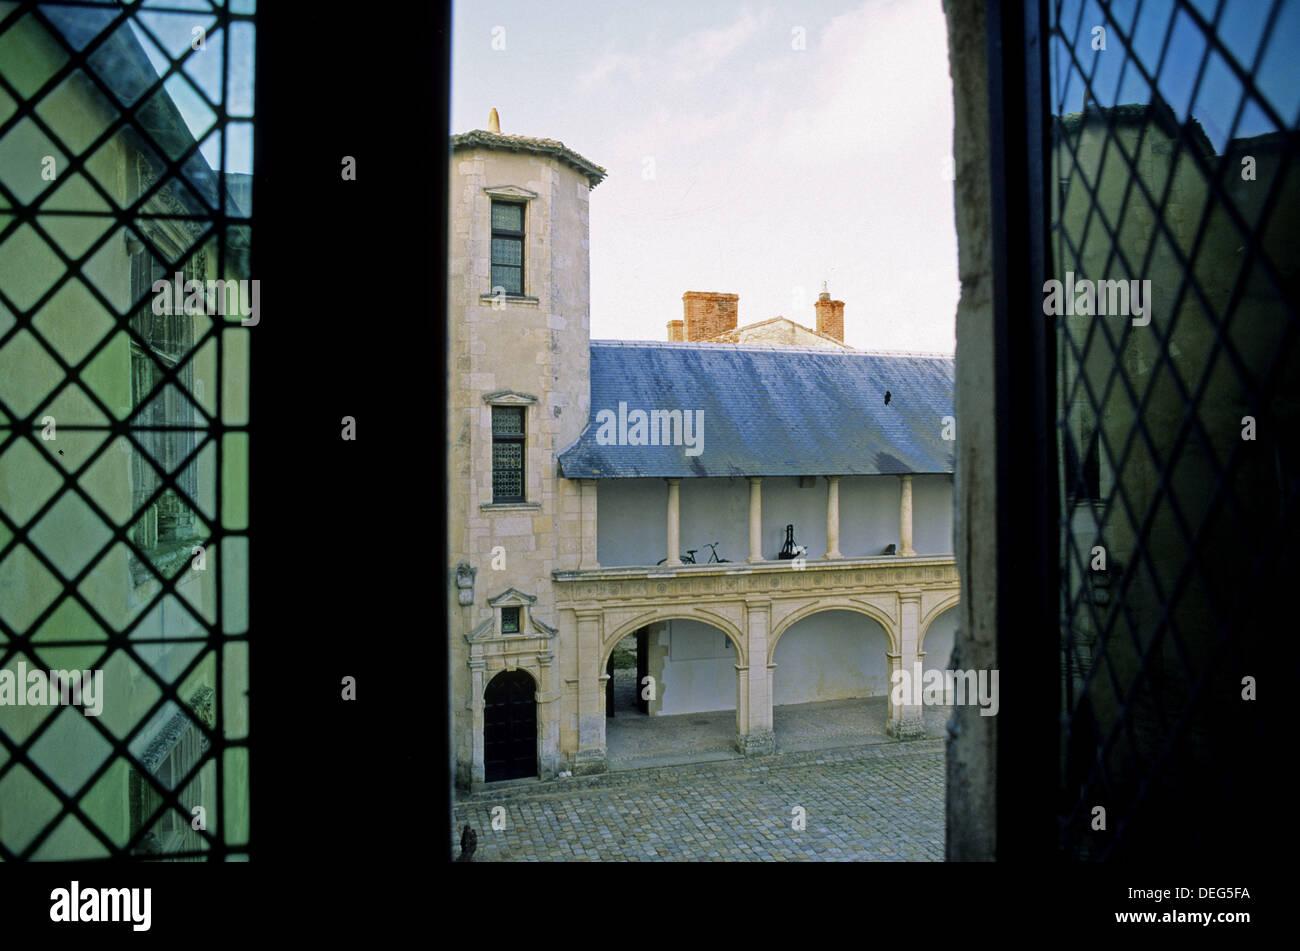 Old Clerjotte townhouse (late XVth century). Ernest Cognacq Museum. Saint Martin town. Island of Ré. Charente - Stock Image